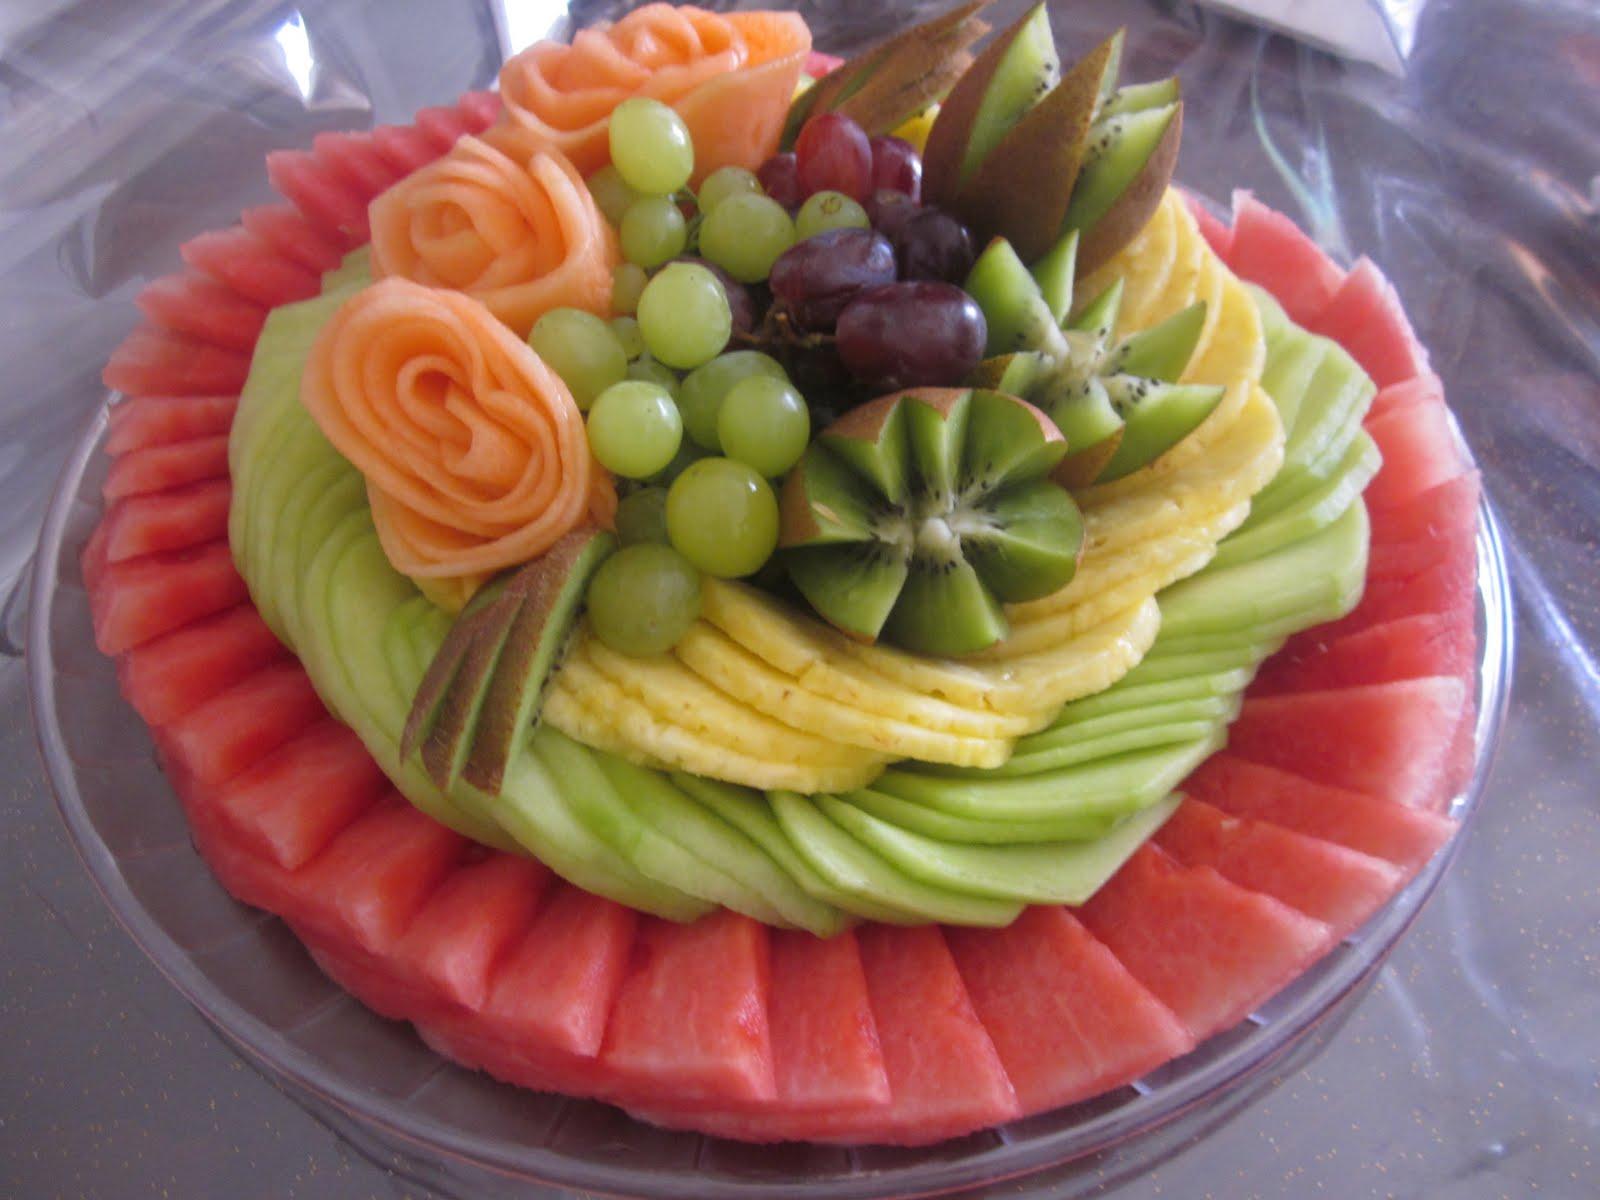 fruit platter ideas fruit in season may